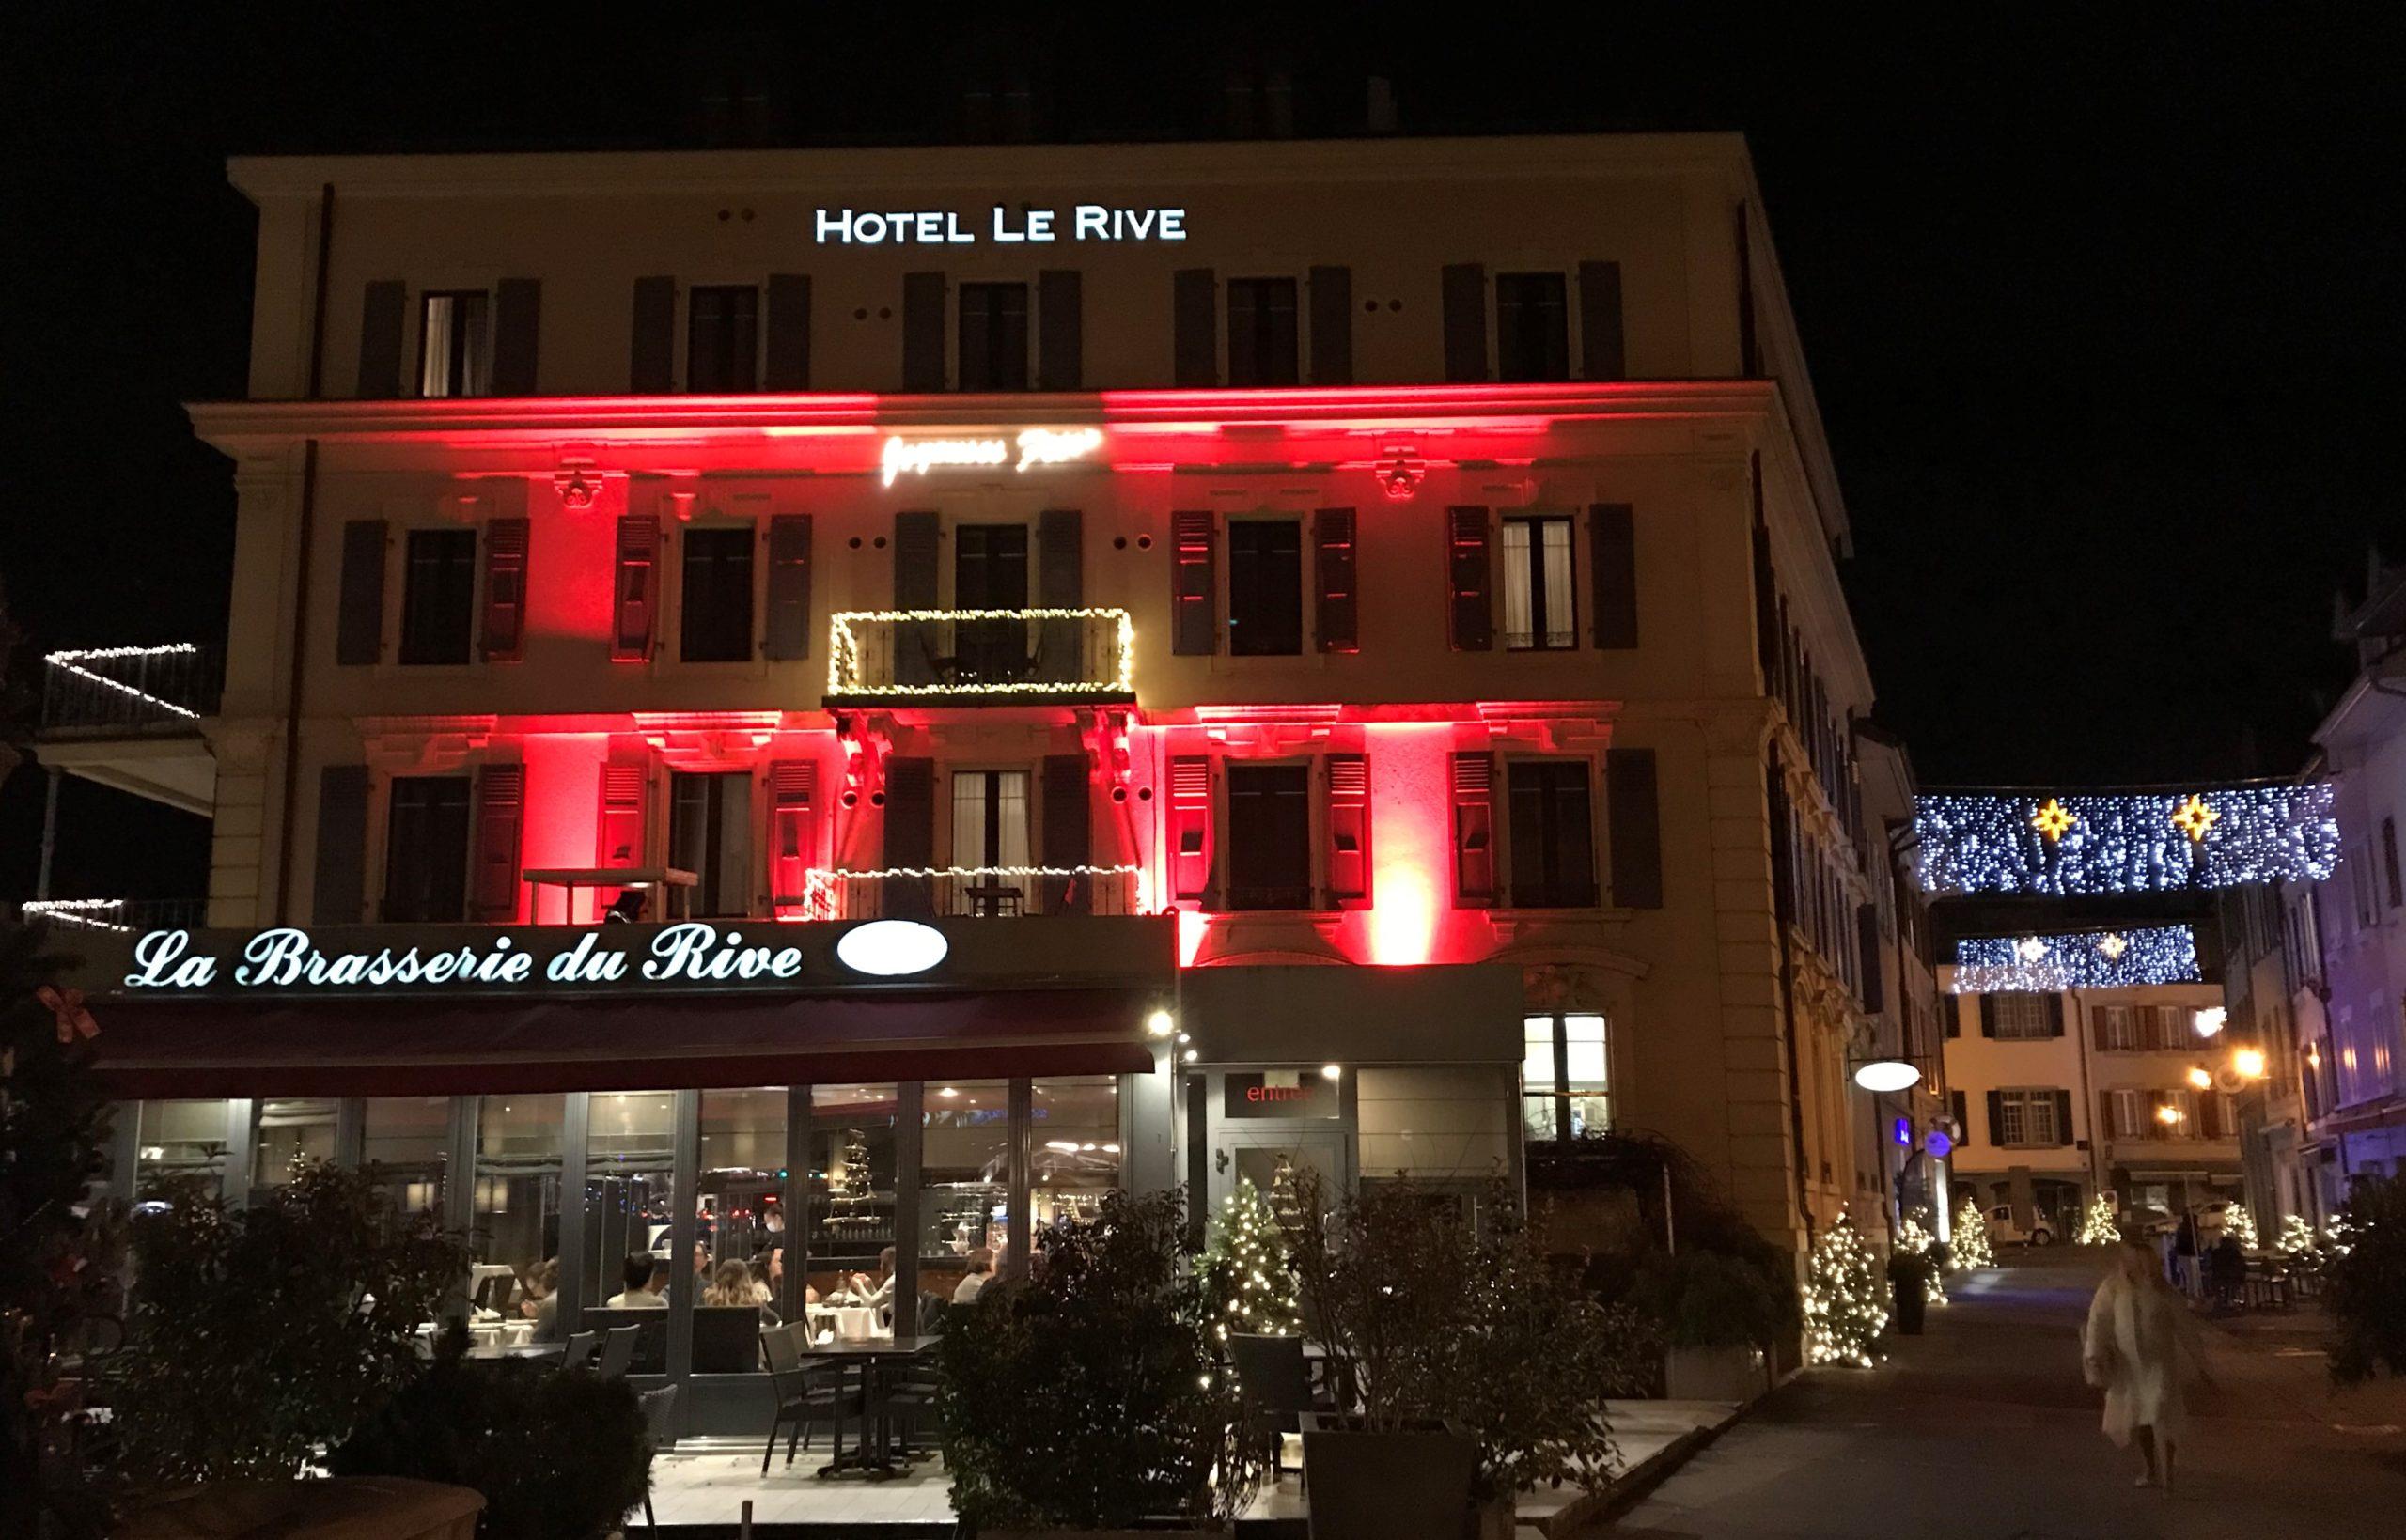 Façade en rouge de l'hôtel de Rive